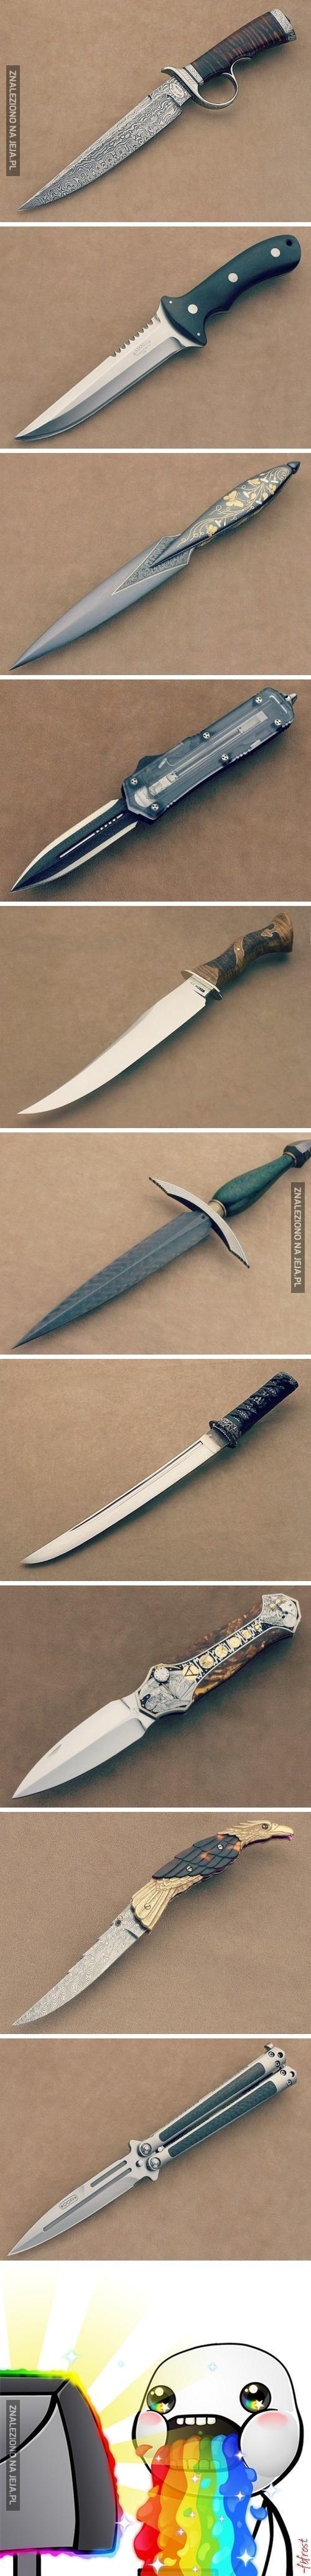 Ach, takie piękne nożyki...